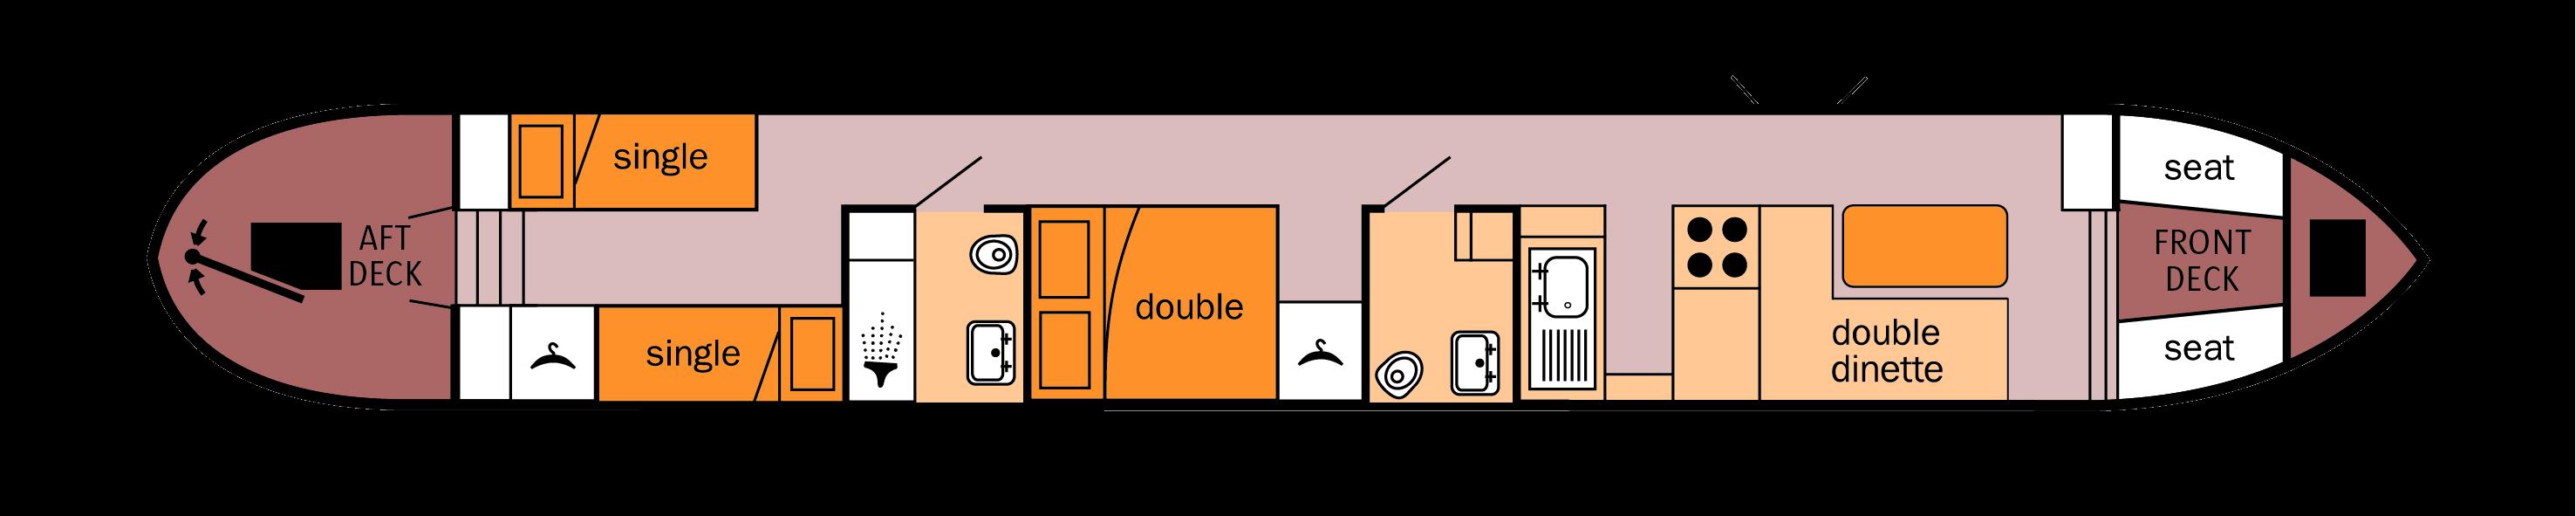 Spirit layout 1